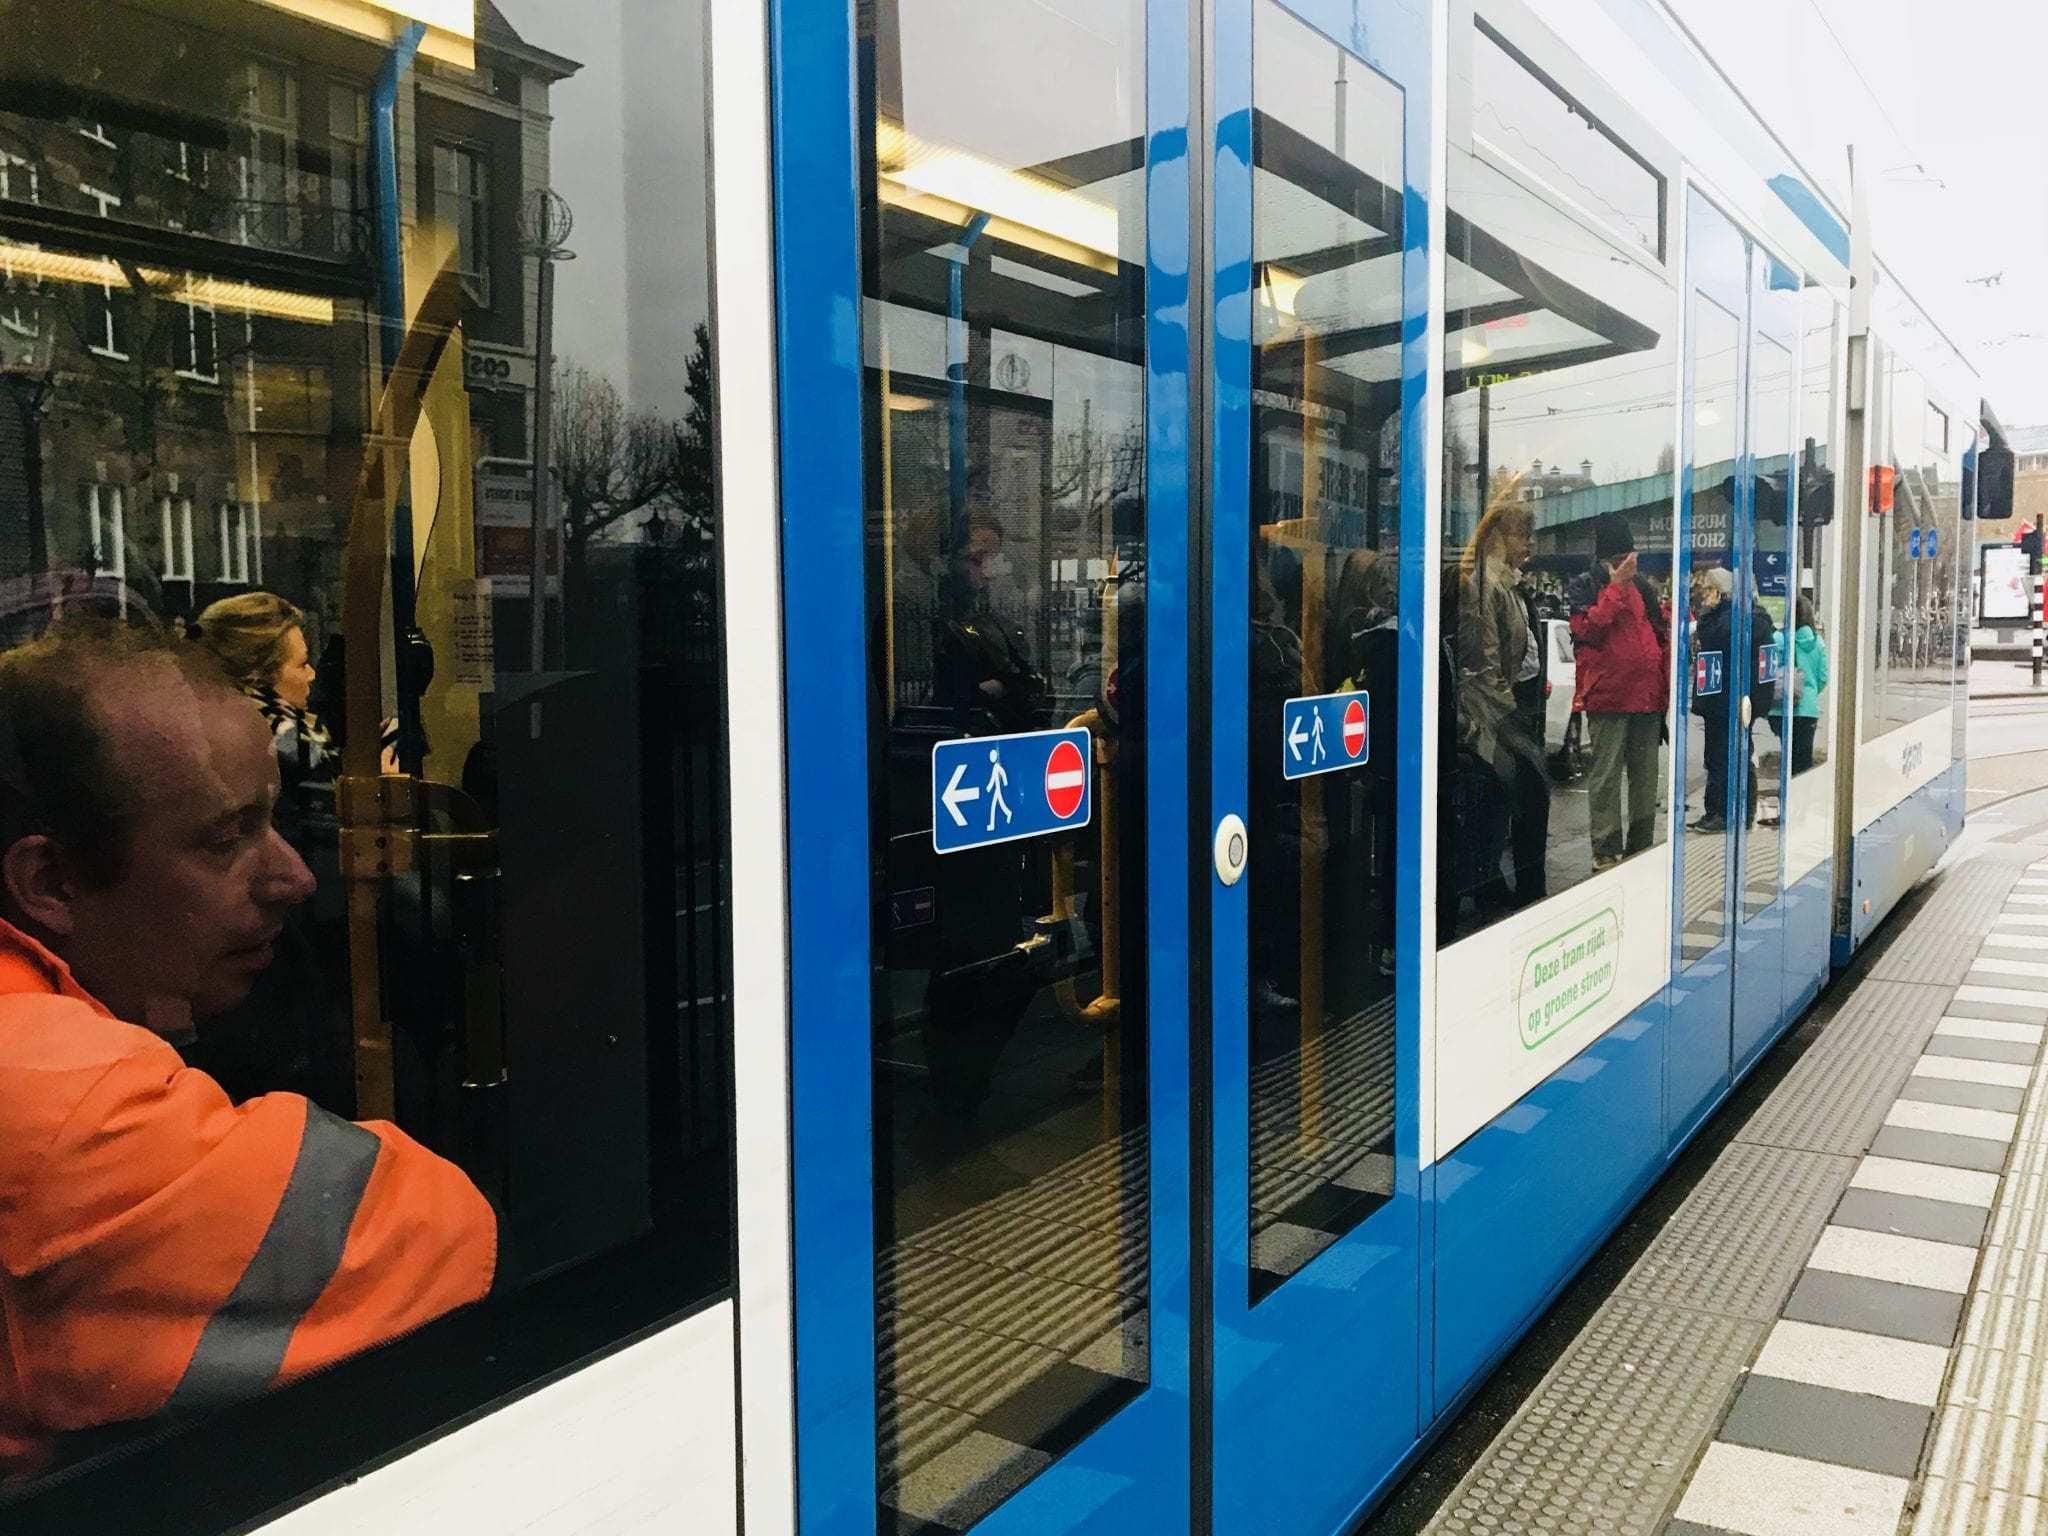 Met ingang vanaf 8 december: Cashloos openbaar vervoer